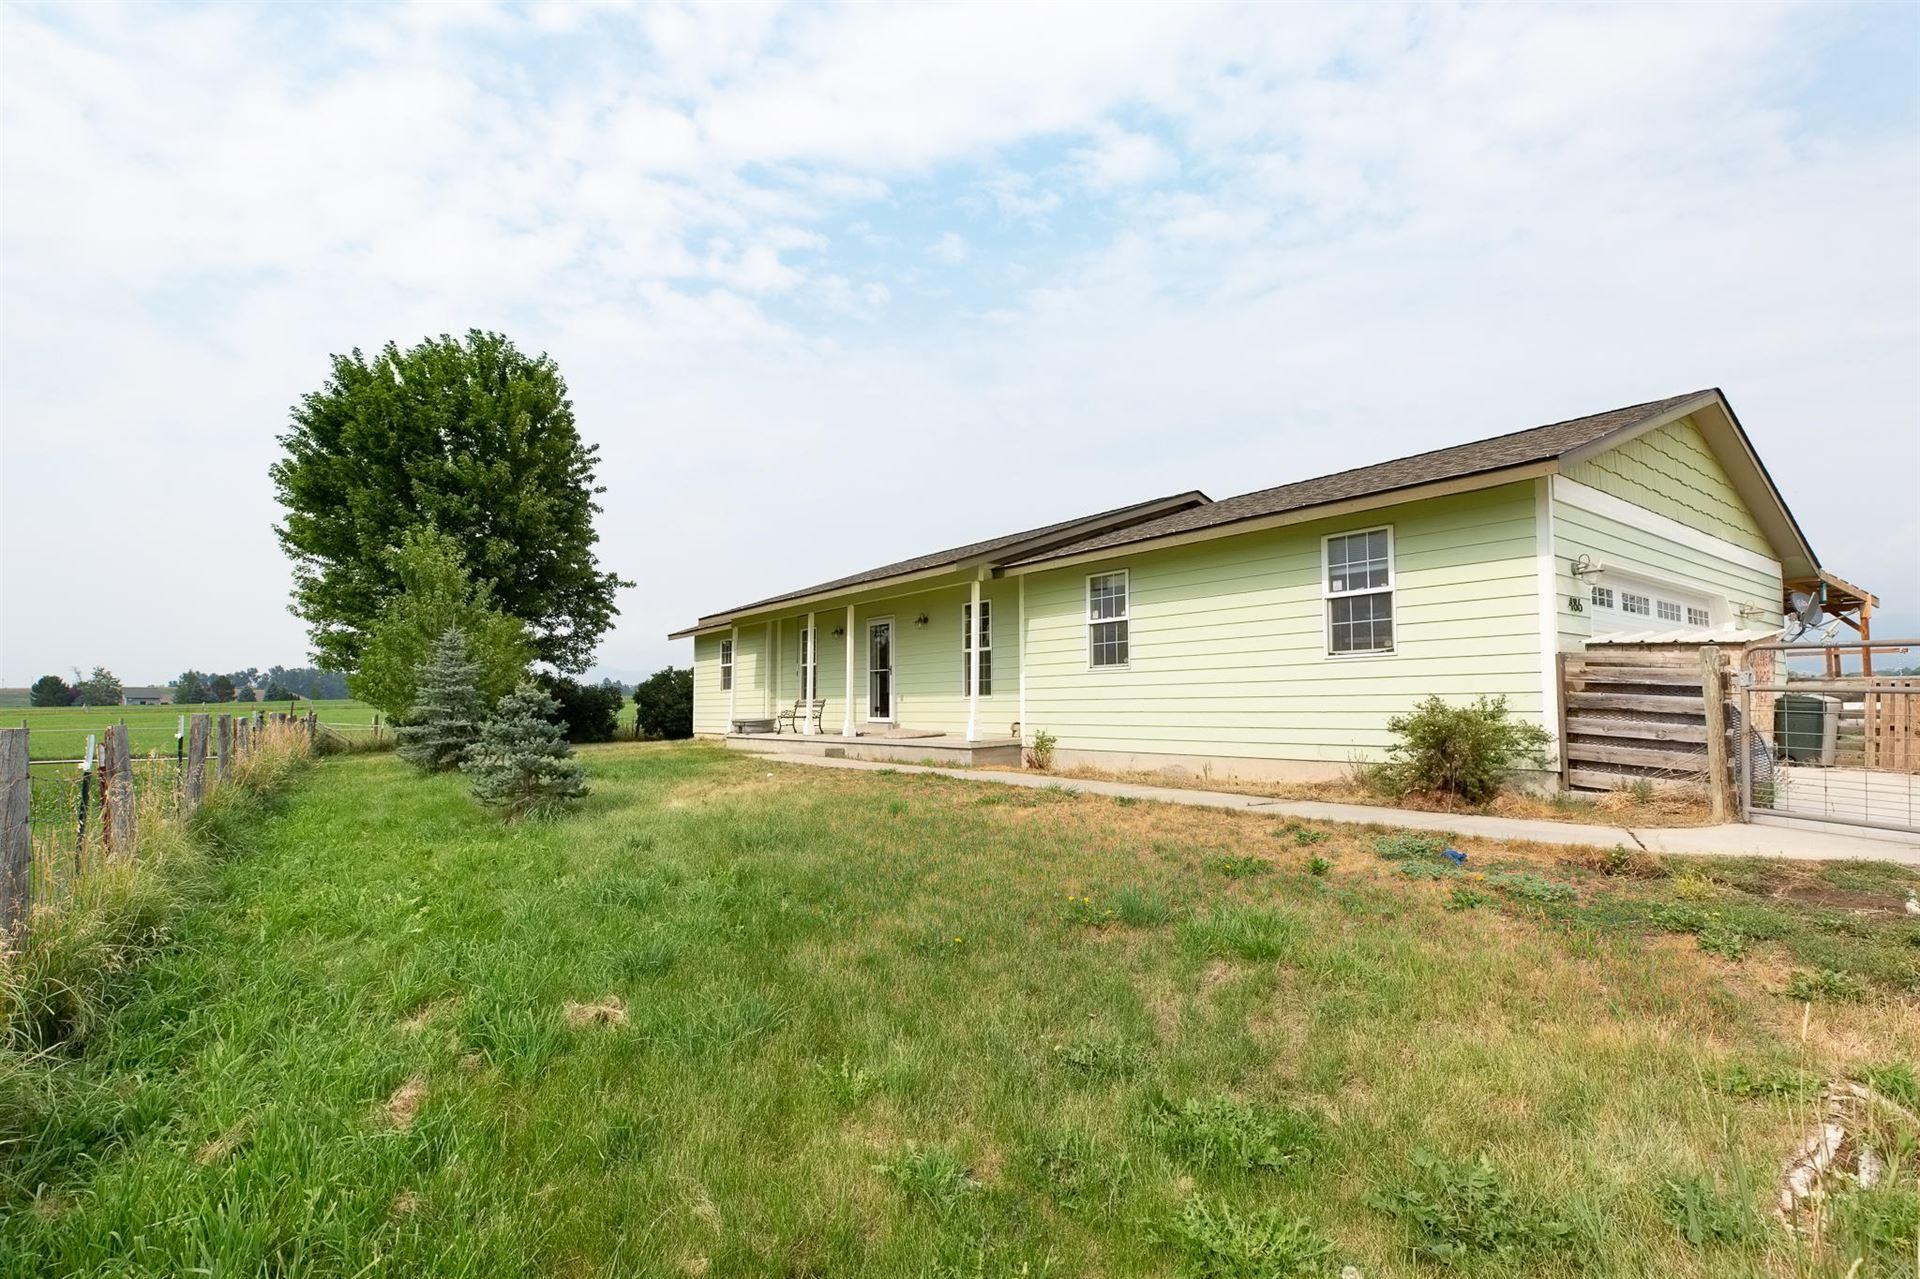 Photo of 486 Ashberry Lane, Stevensville, MT 59870 (MLS # 22112270)